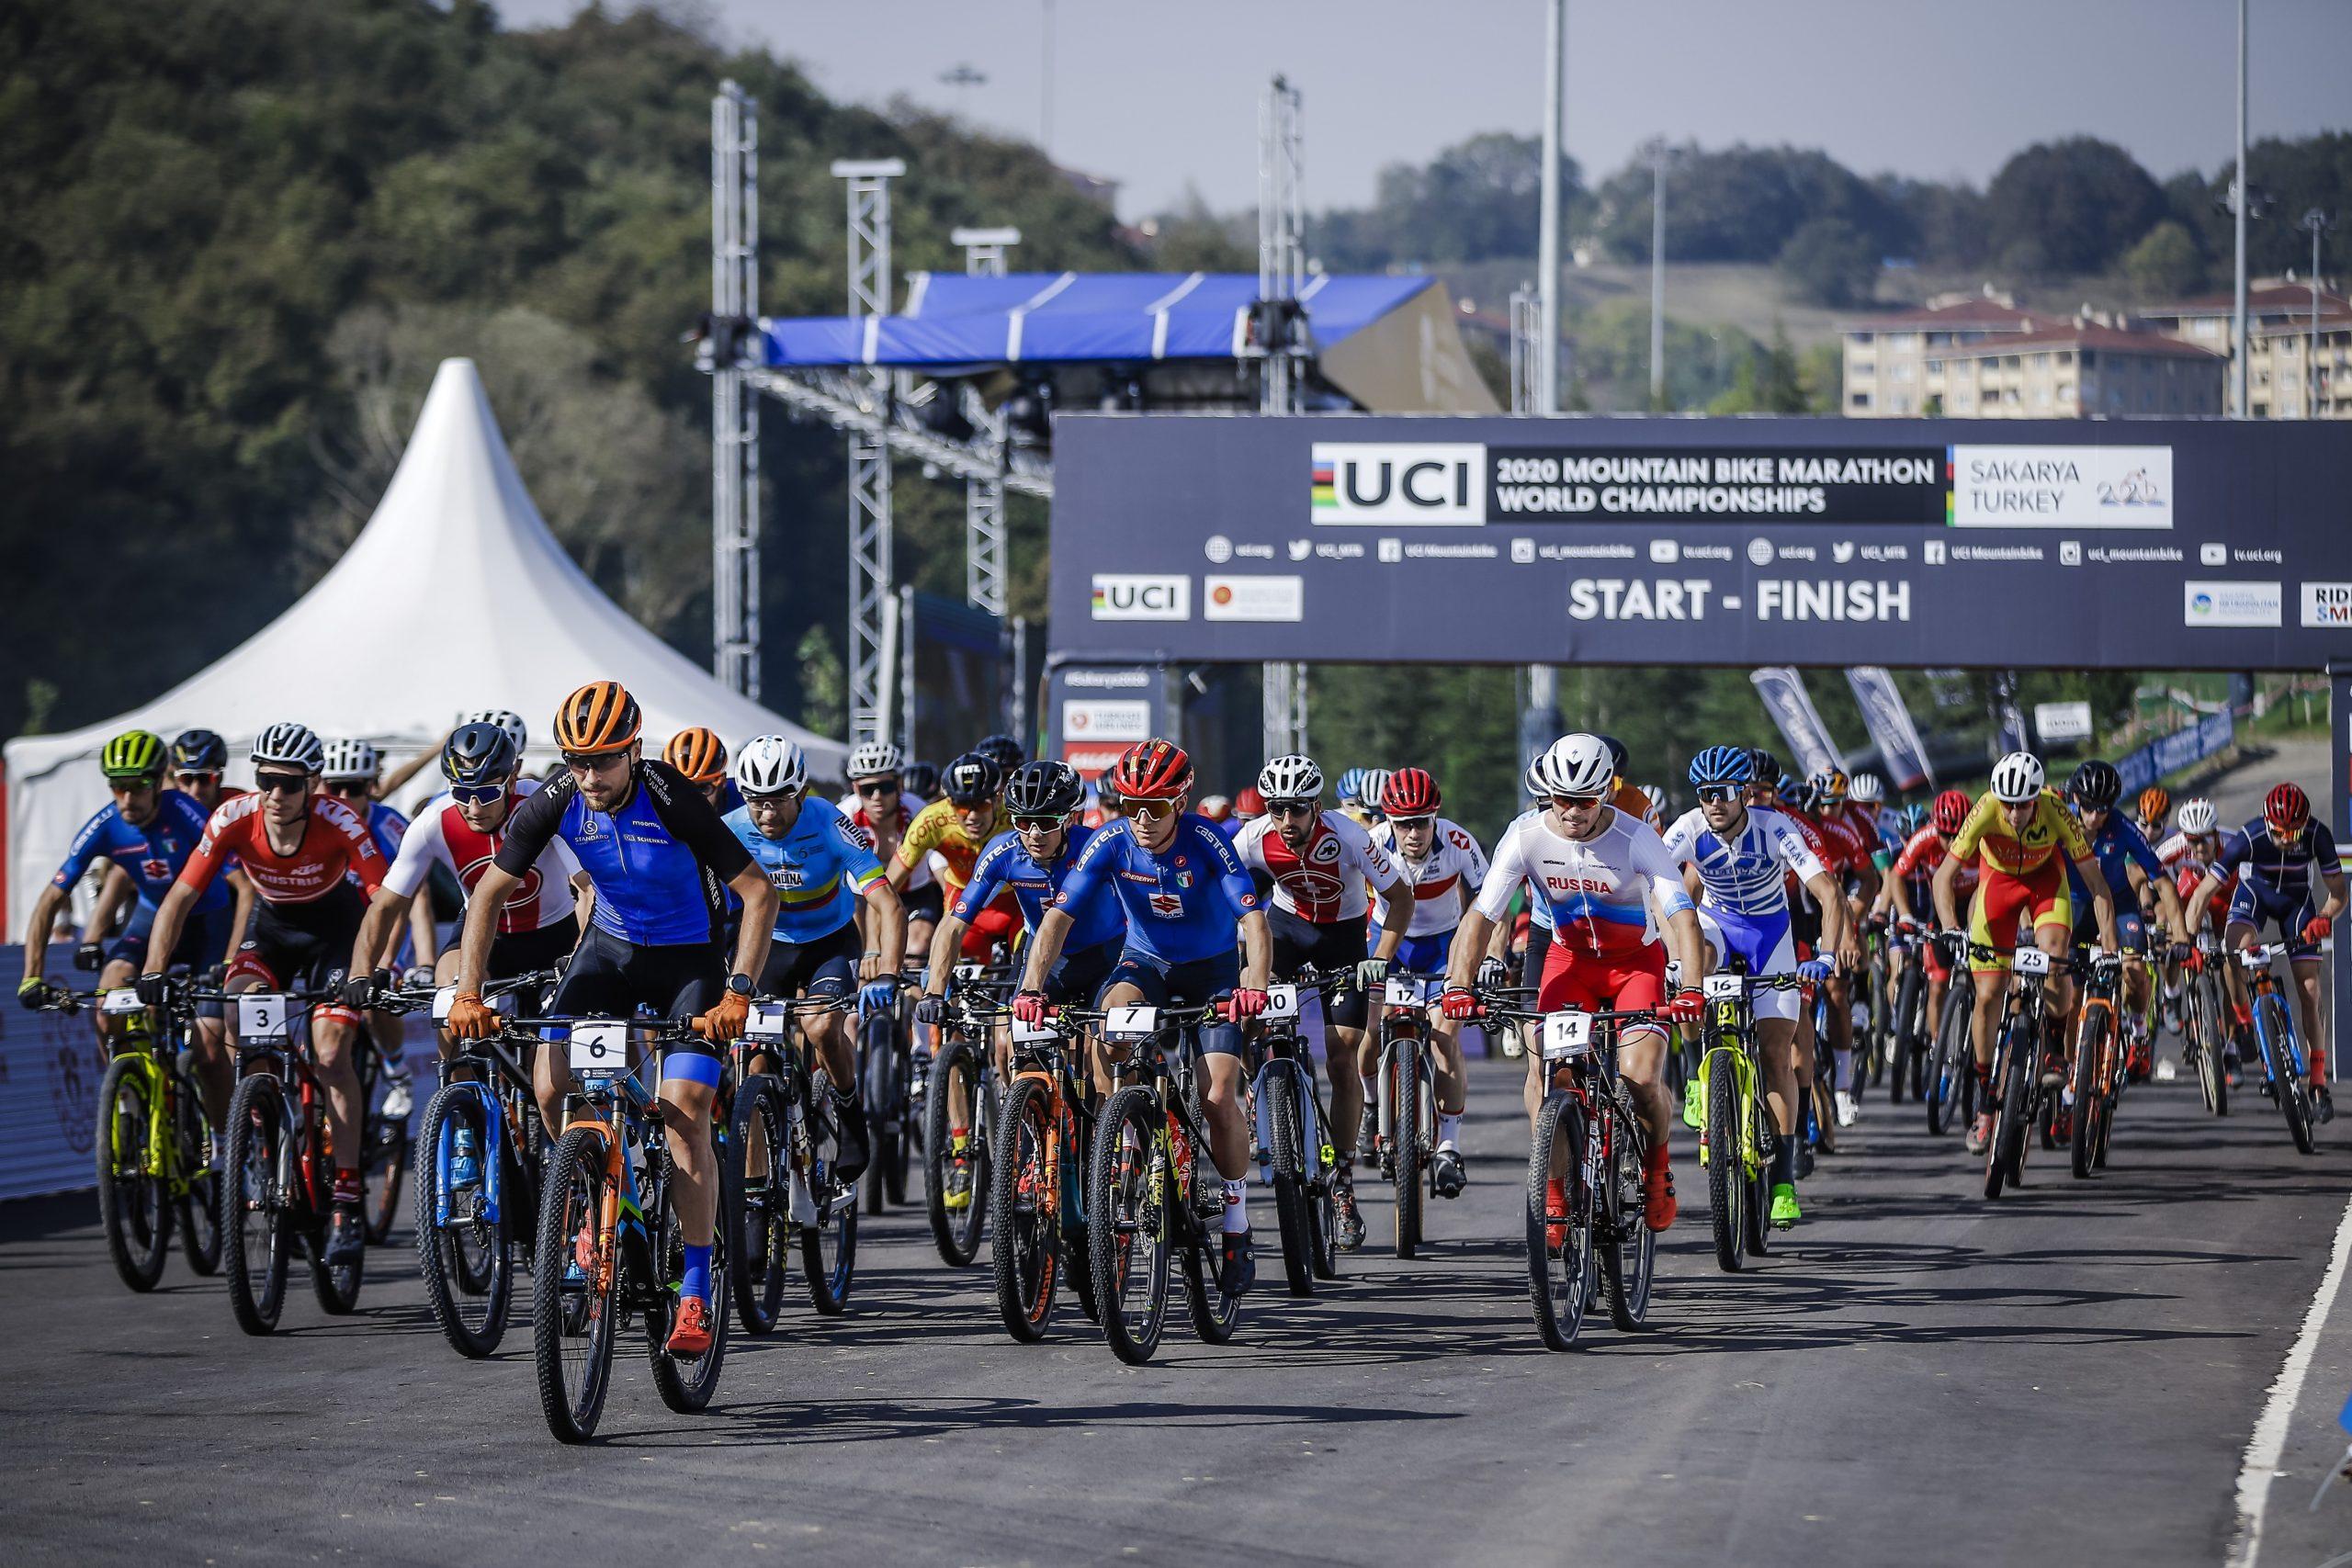 UCI Mountain Bike Marathon  Weltmeisterschaft // Páez León und Forchini holen Gold